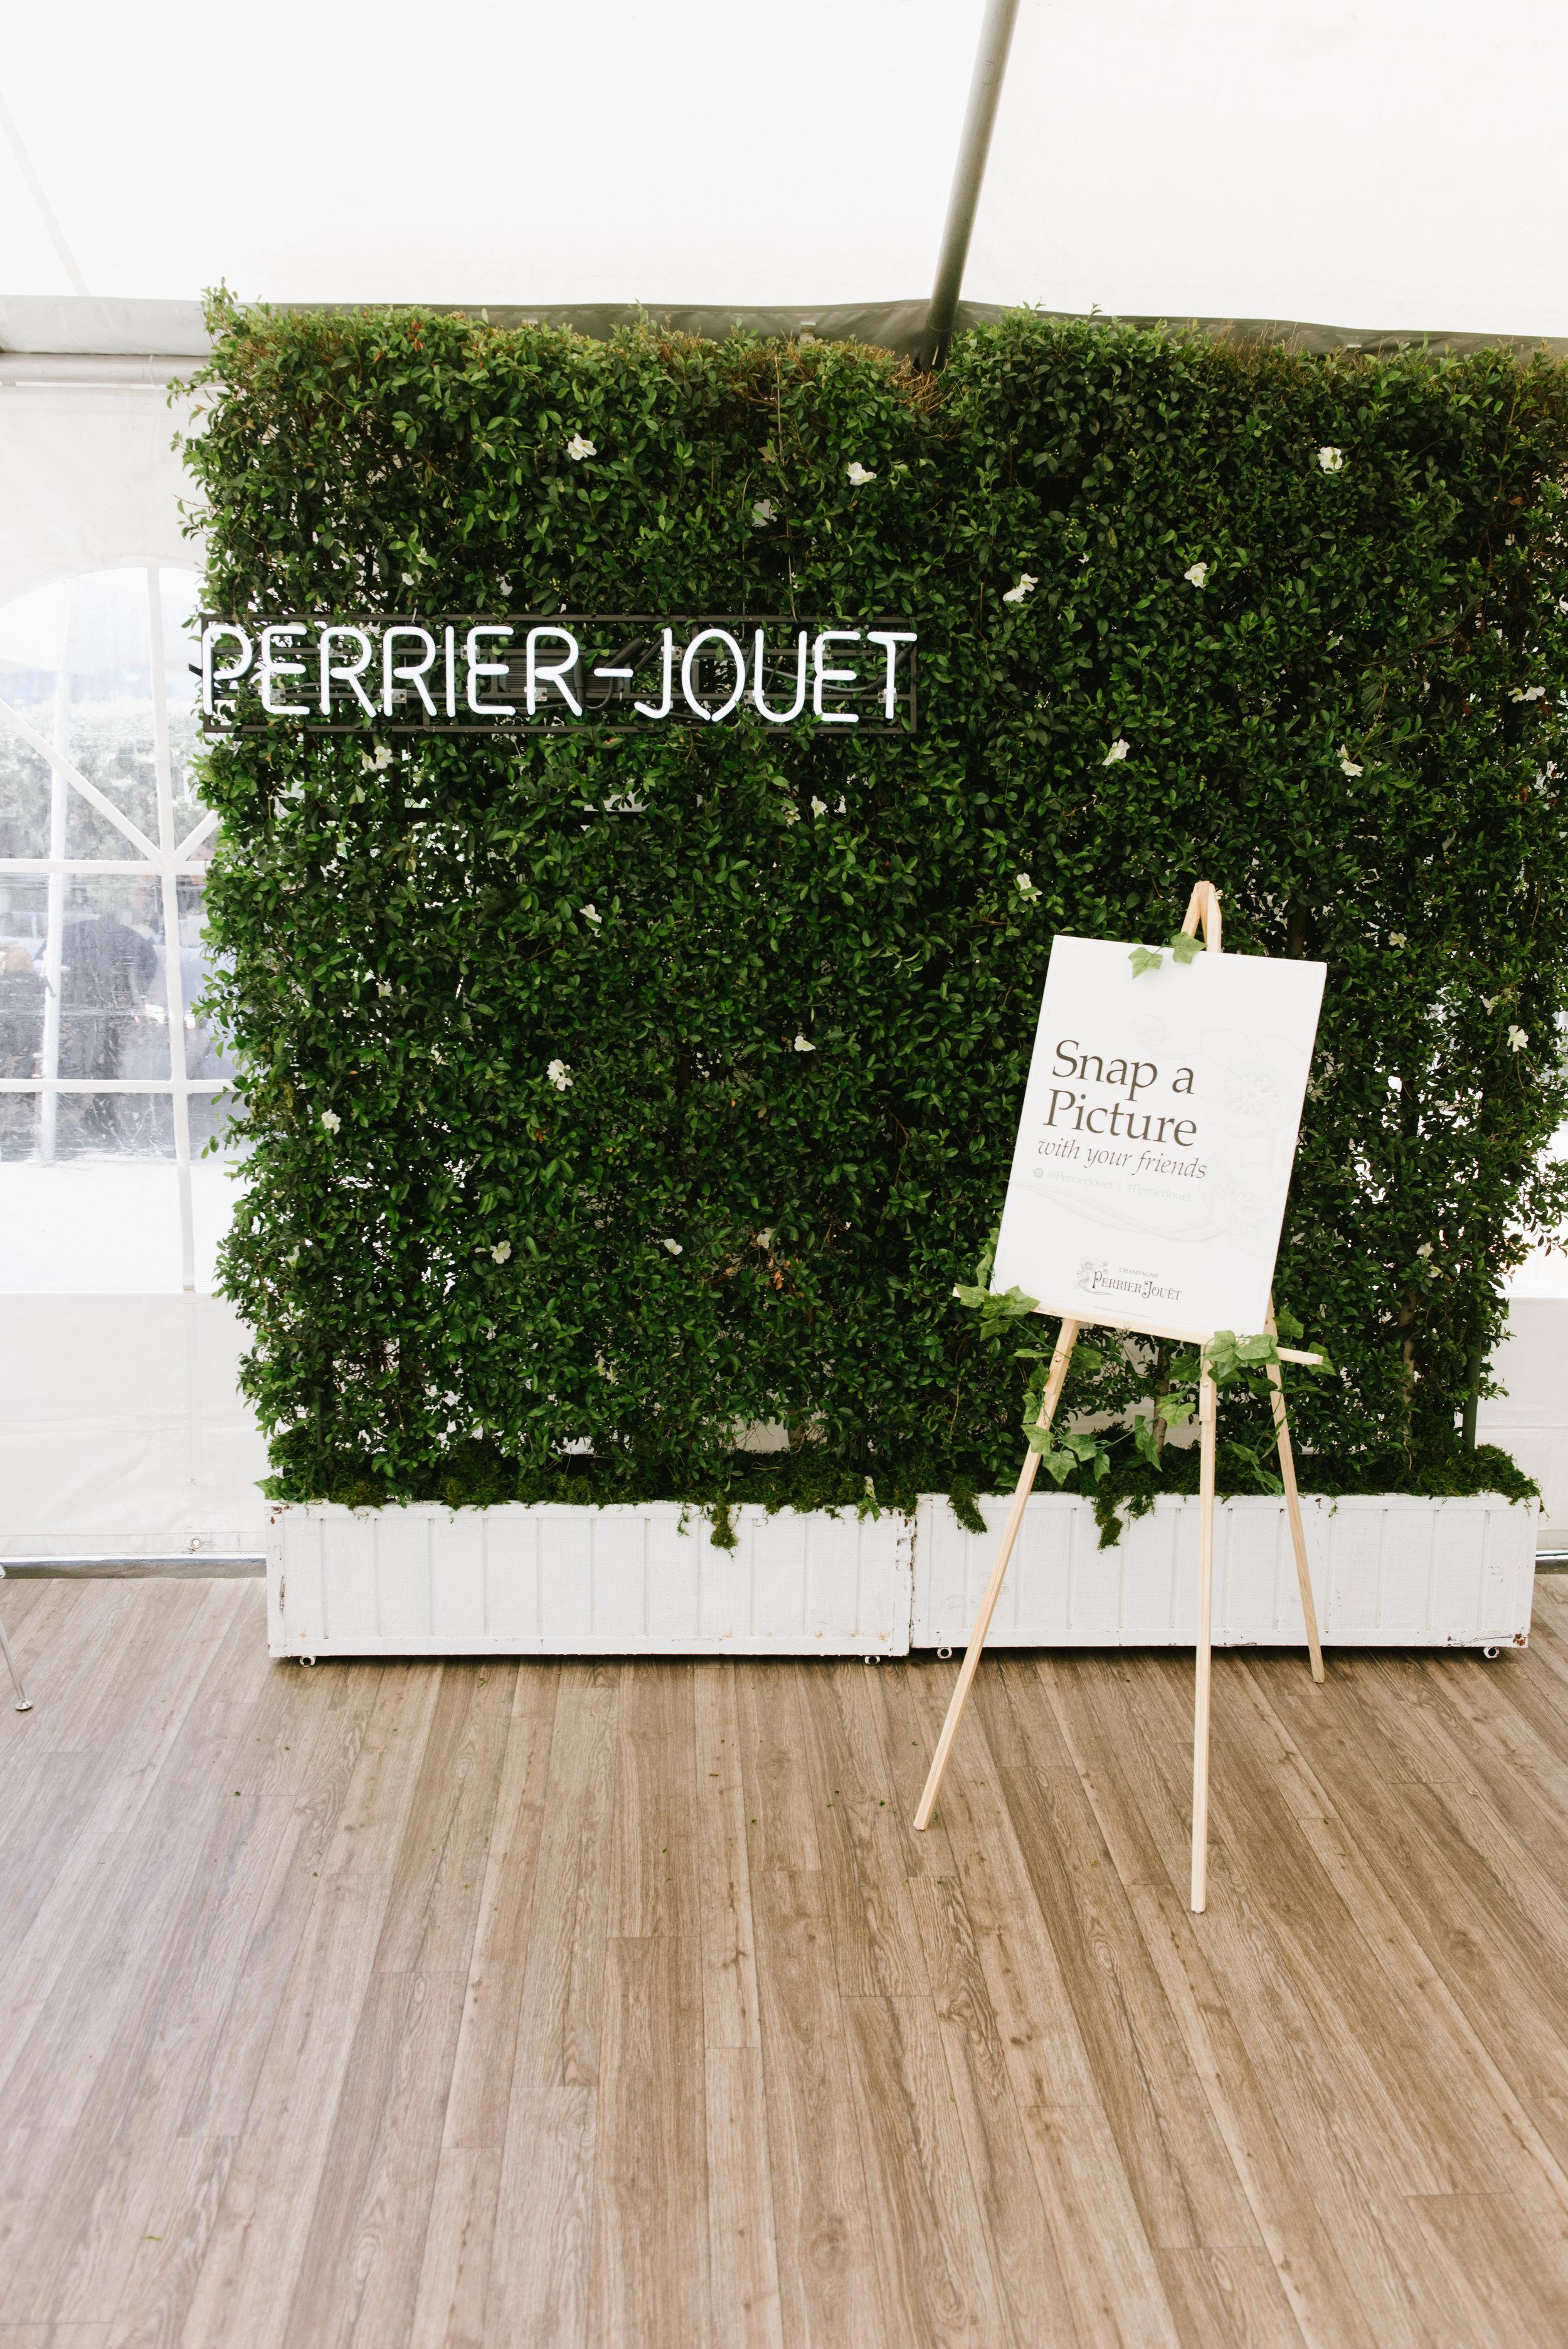 Pernod Ricard_Perrier Jouet_Cole Beal-18.jpg